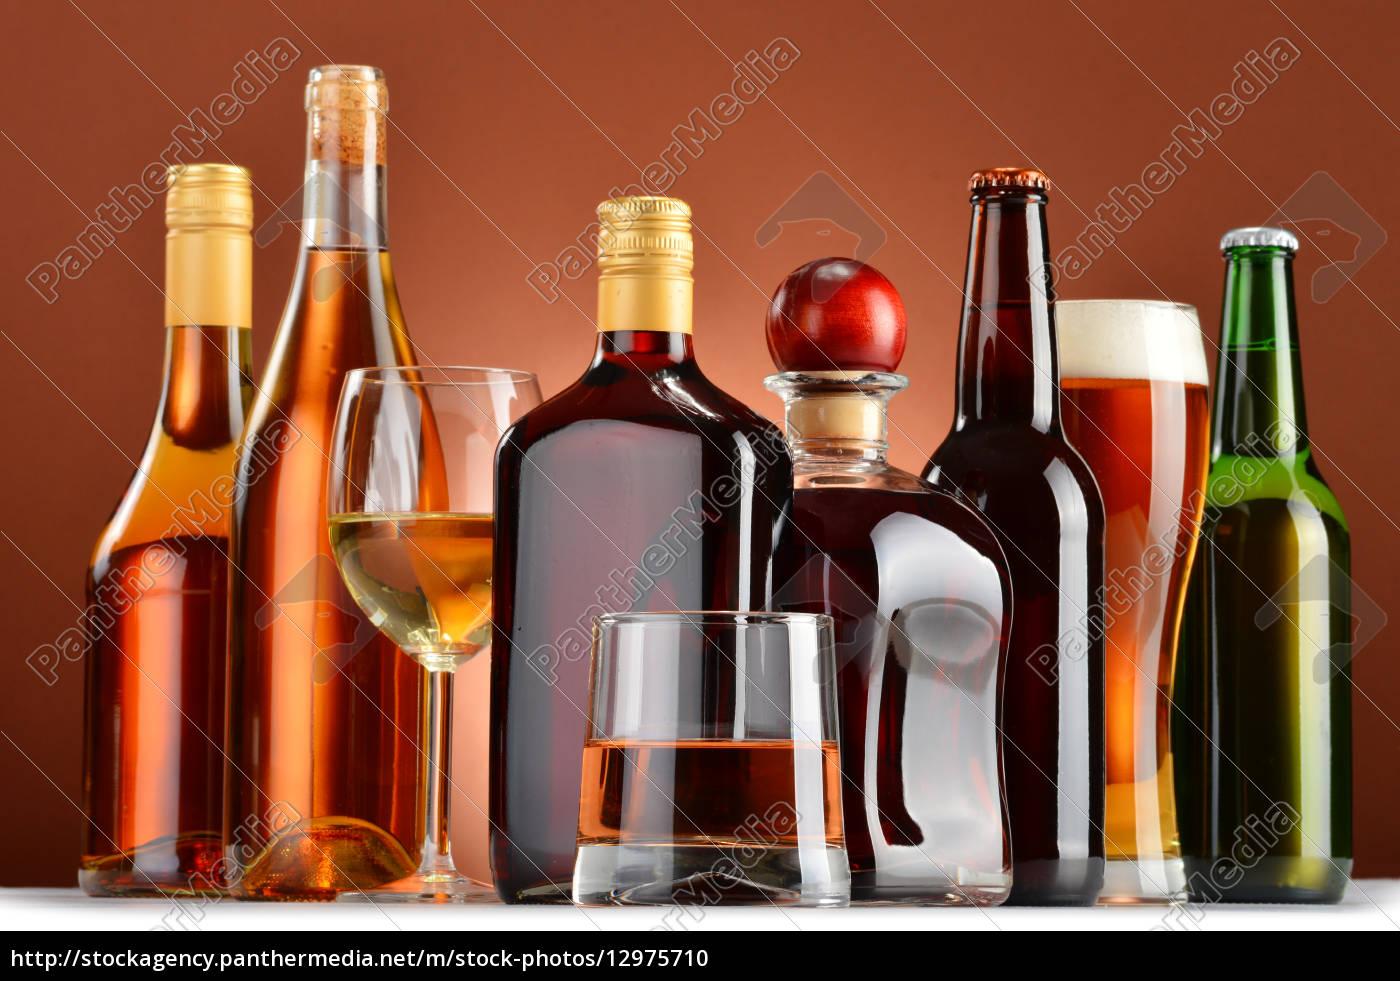 flaschen und gl ser sortierte alkoholische getr nke stock photo 12975710 bildagentur. Black Bedroom Furniture Sets. Home Design Ideas